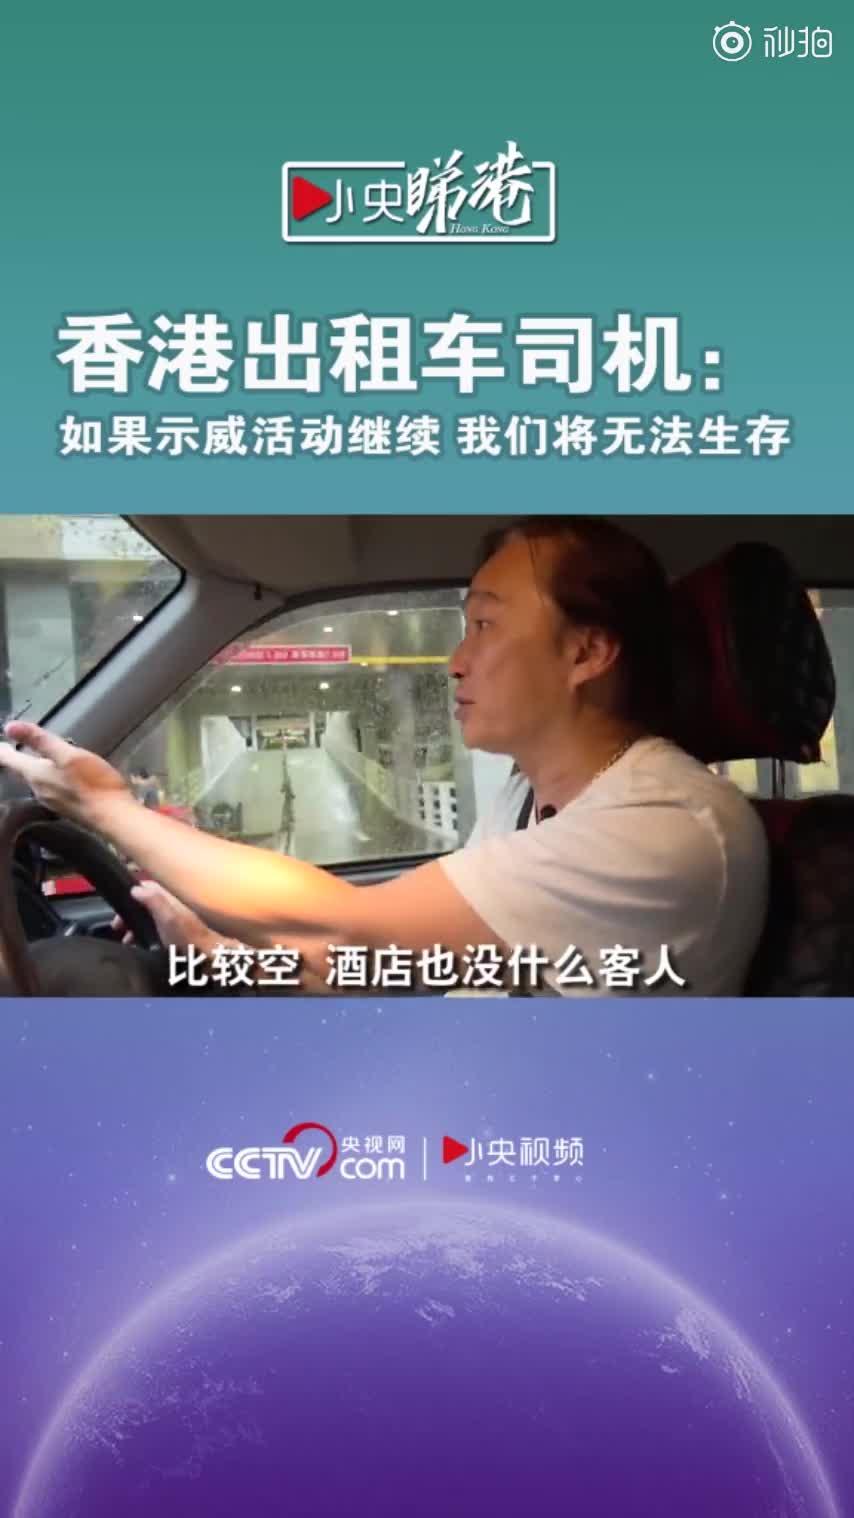 香港出租车司机:如果示威活动继续 我们将无法生存